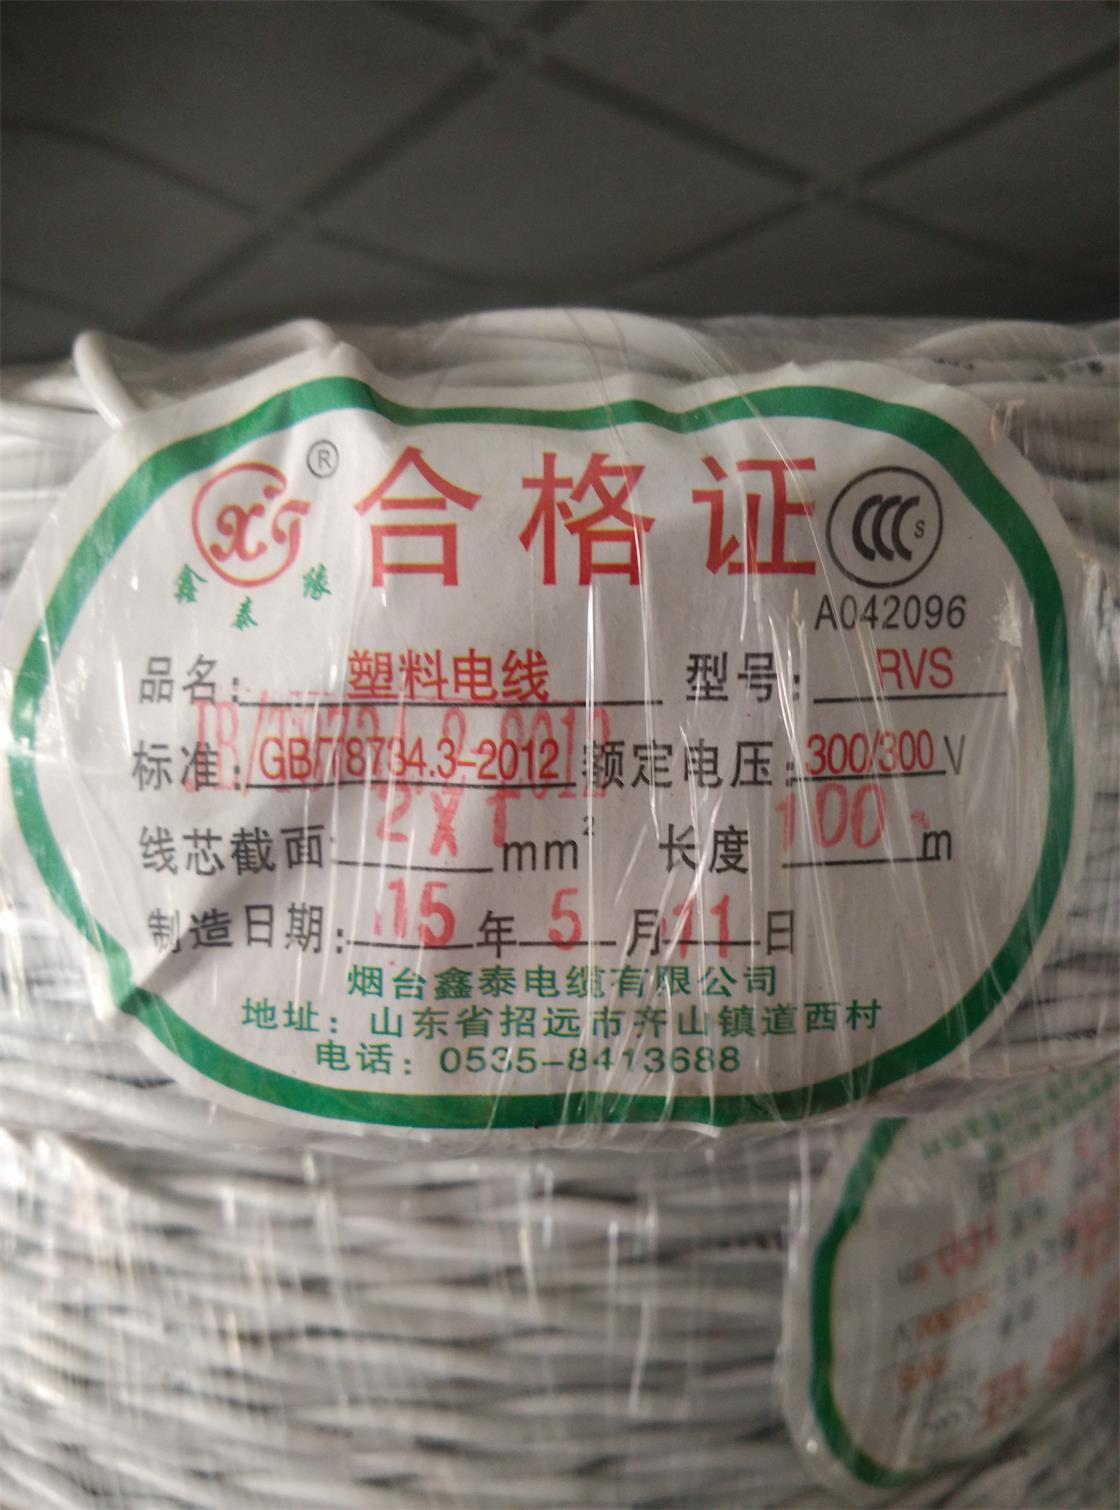 供应塑料电线 RVS 2*1 300v GB/78734.3-2012